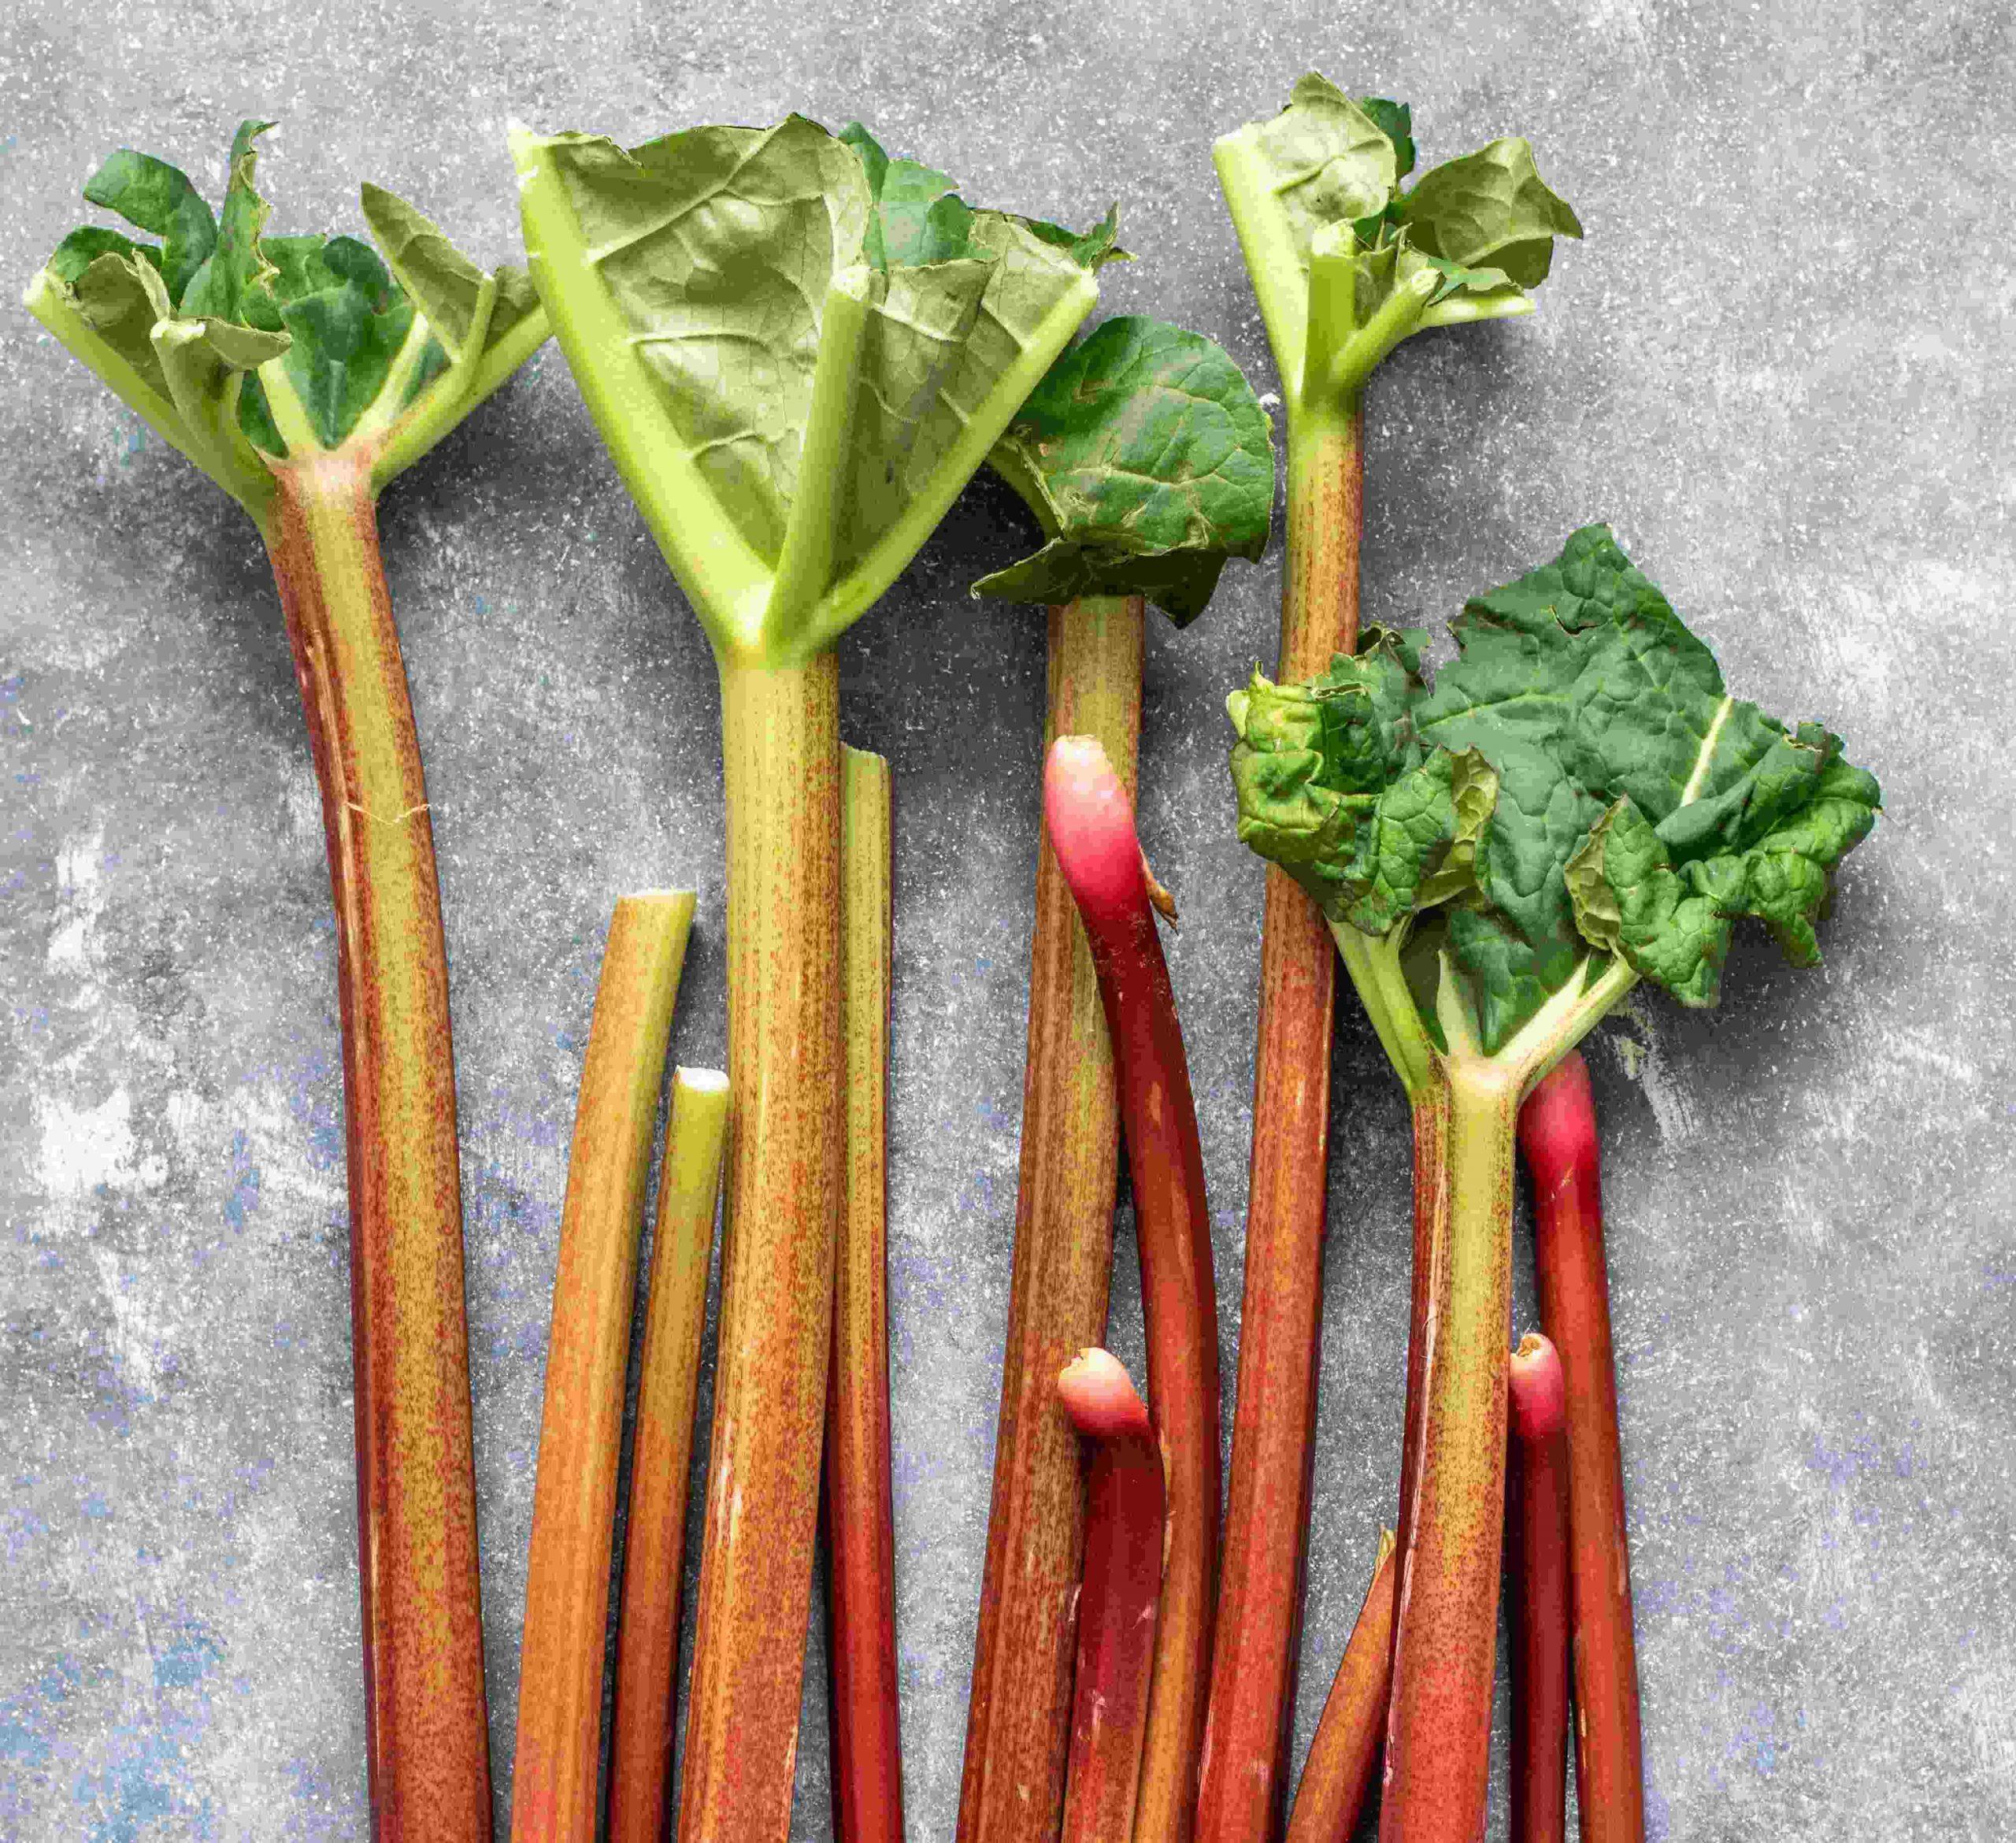 Comment réutiliser vos feuilles de rhubarbe